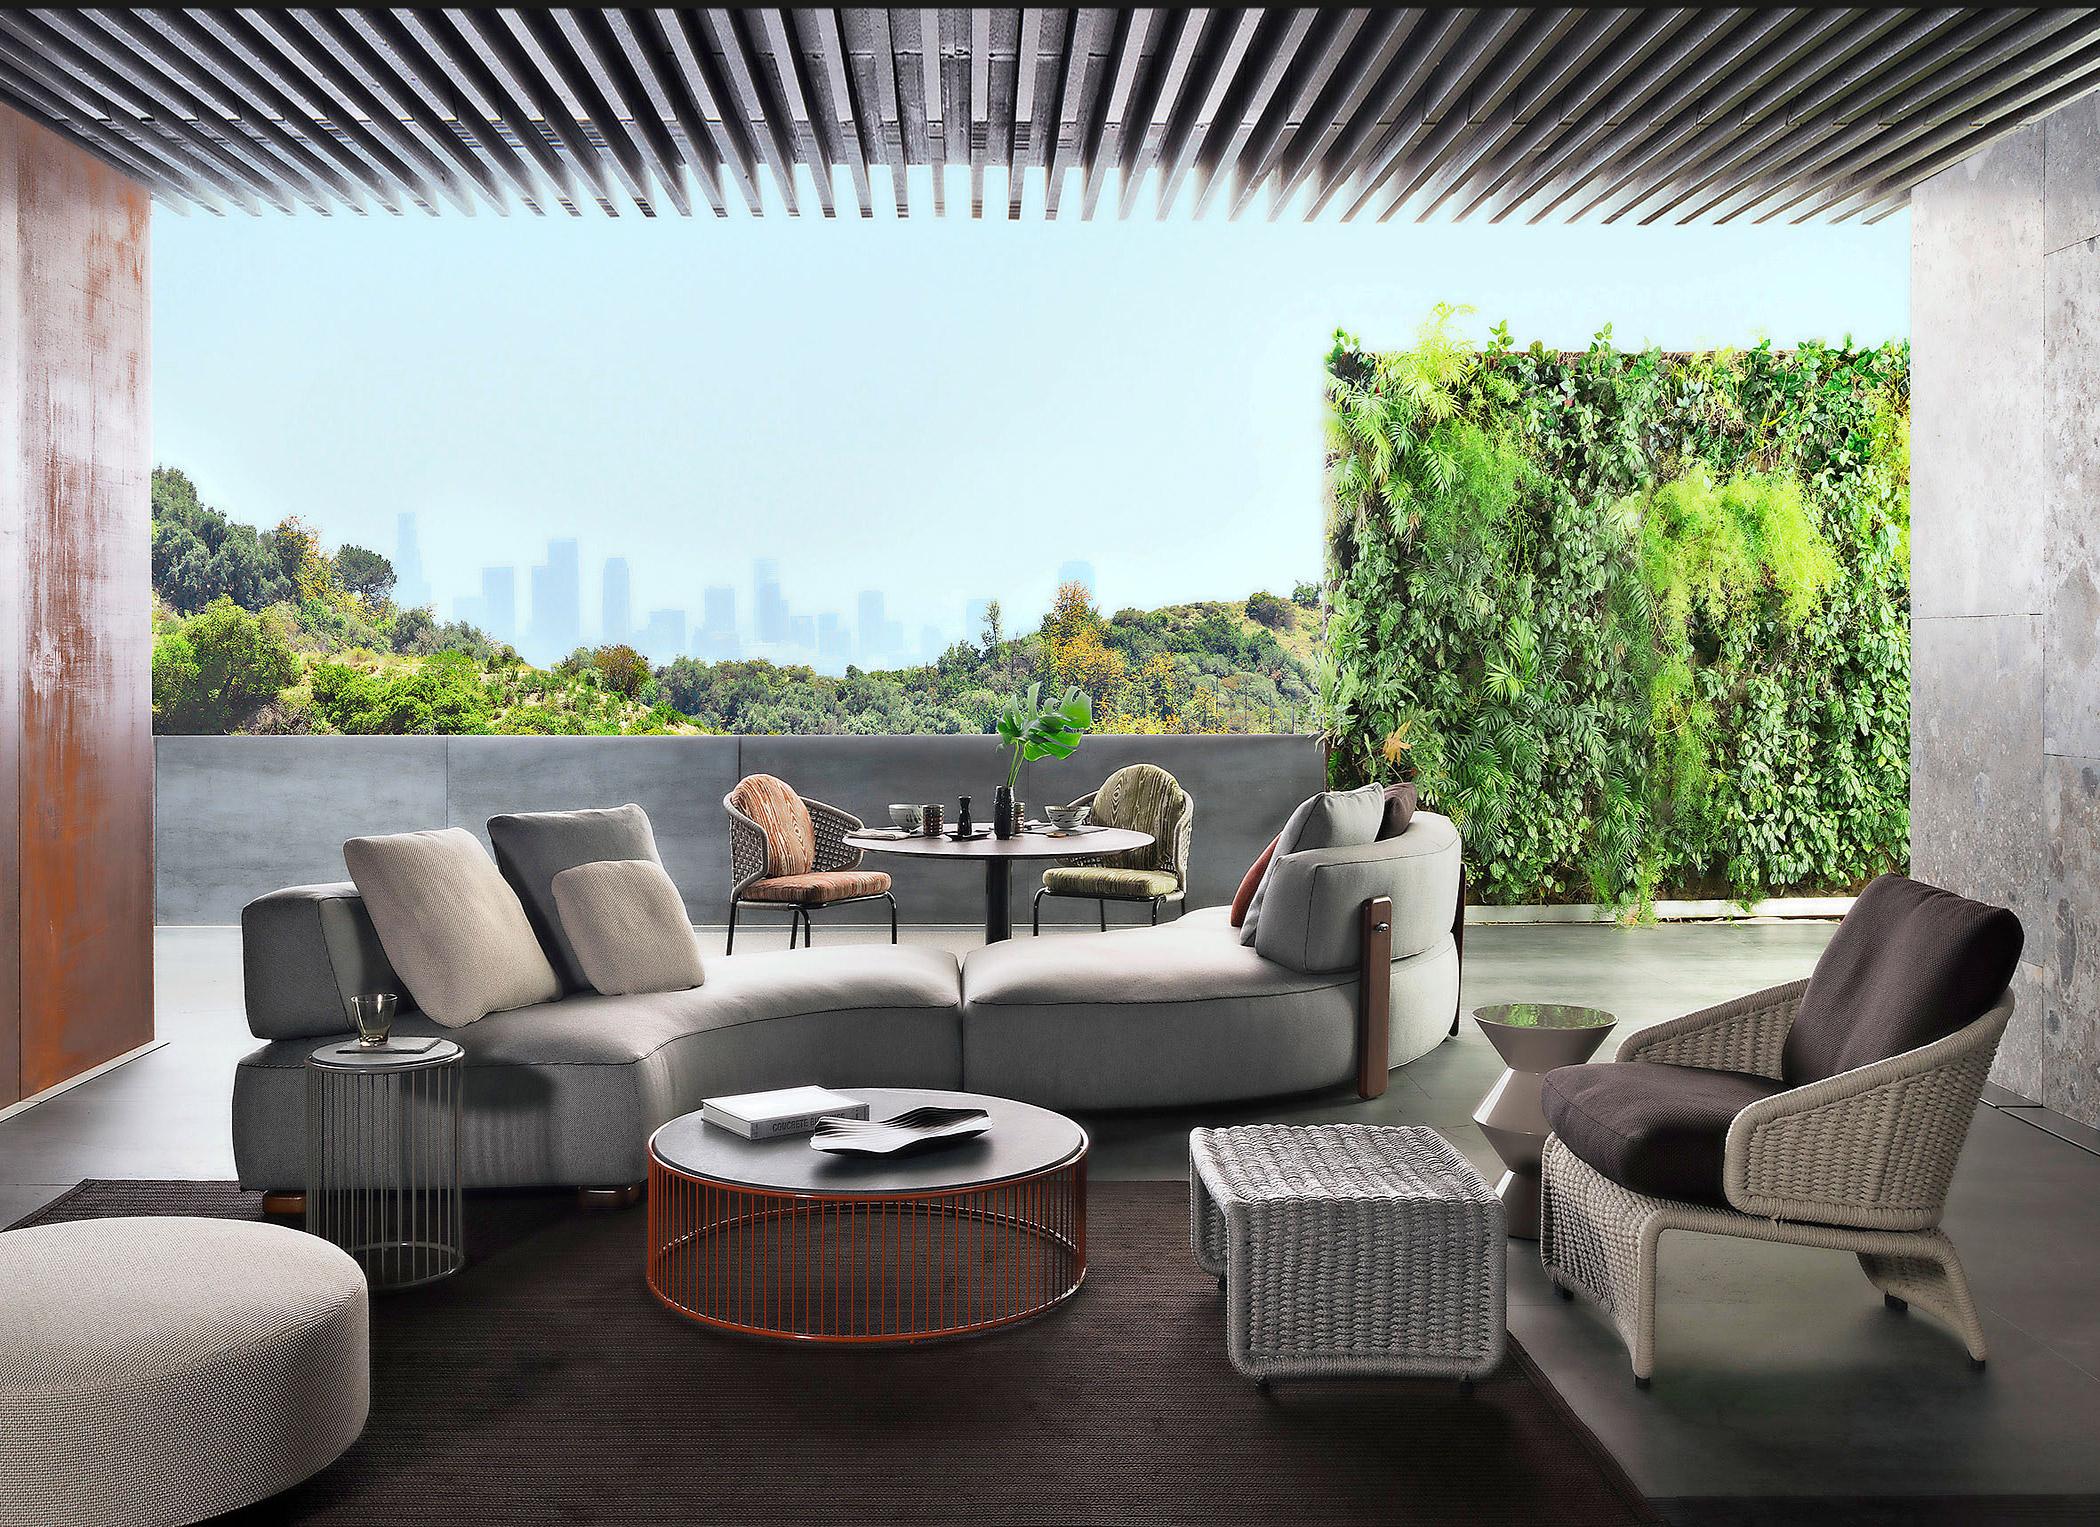 35 idee per arredare il giardino livingcorriere for Mobili giardino terrazzo